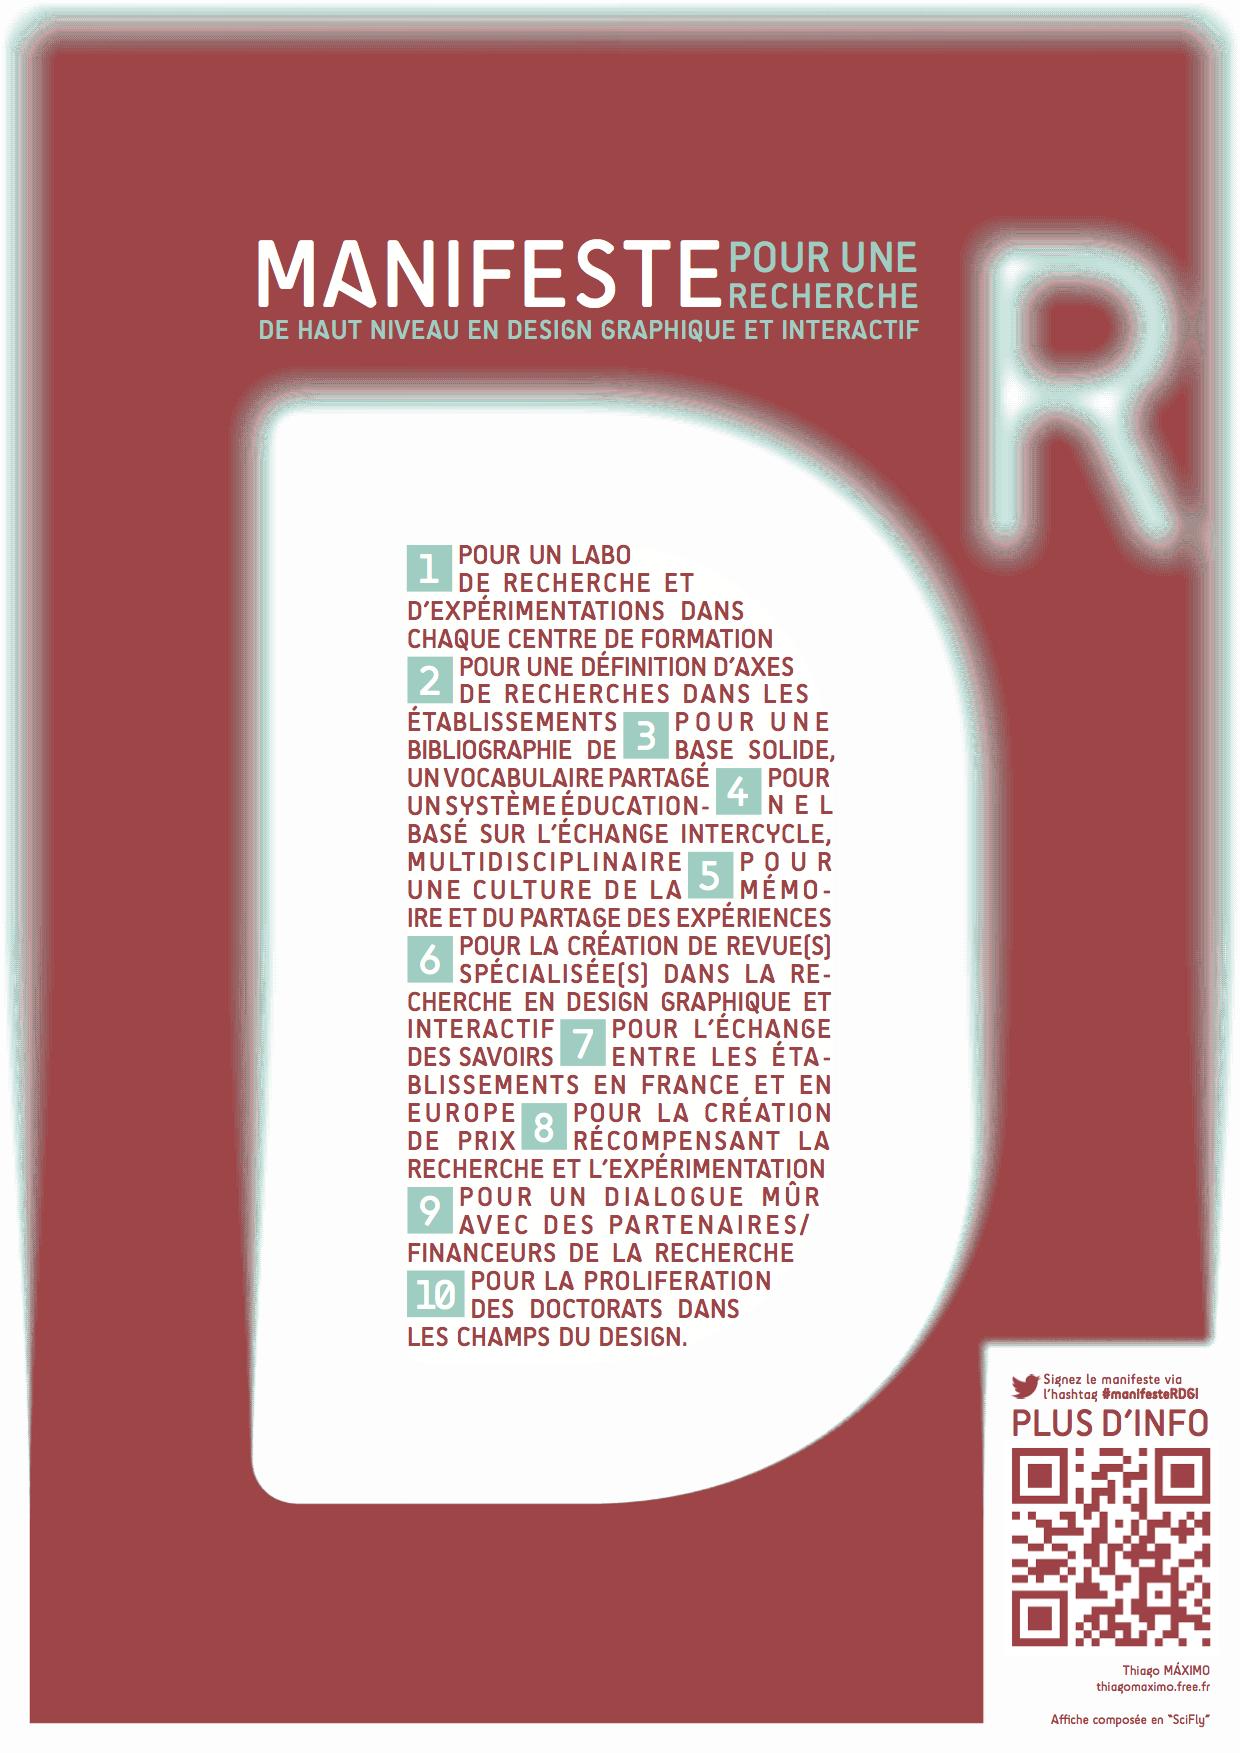 Affiche du Manifeste pour une recherche de haut niveau en design graphique et interactif